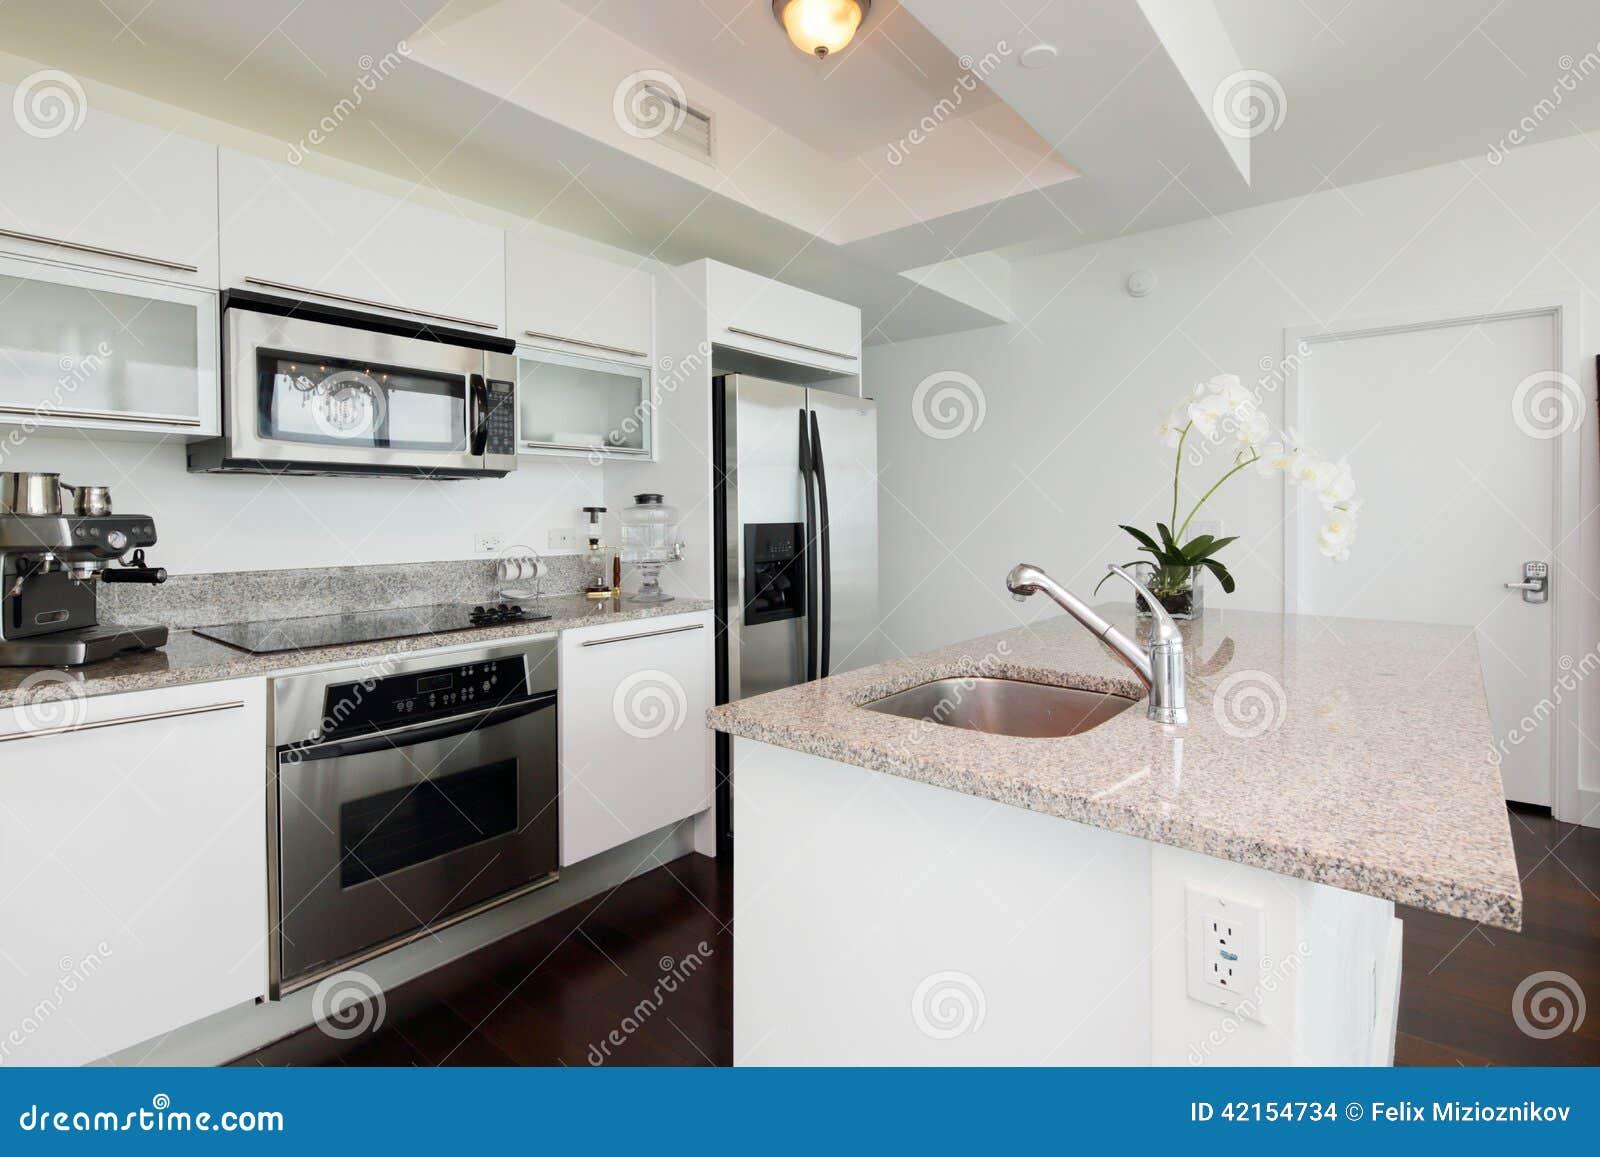 moderne küche mit einer insel stockfoto - bild: 42154734 - Moderne Kche Mit Insel